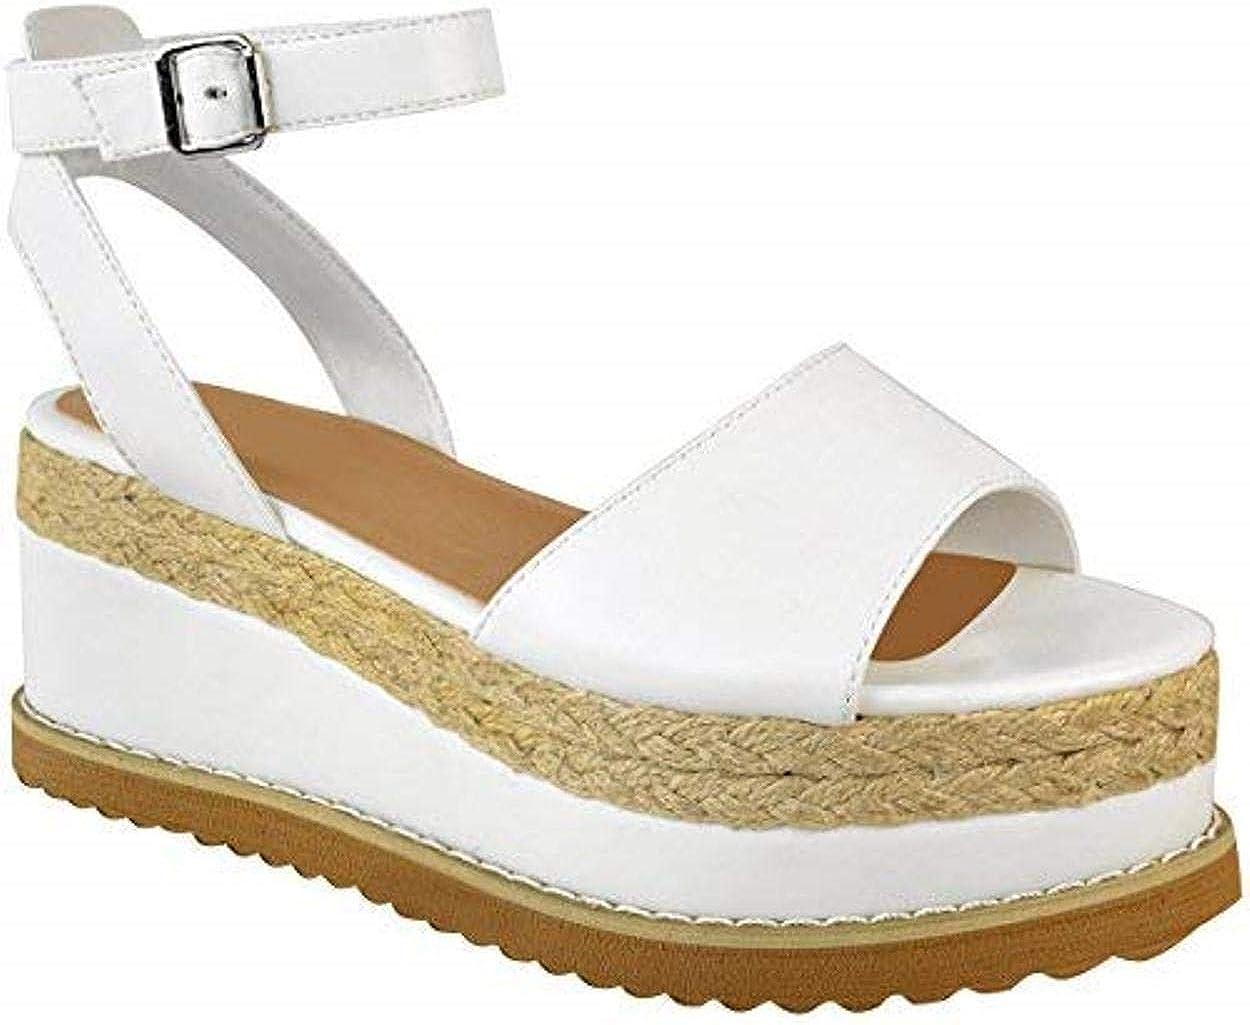 New Look Marron espadrilles compensées plateforme en Cuir Synthétique Sandales Chaussures Taille 4